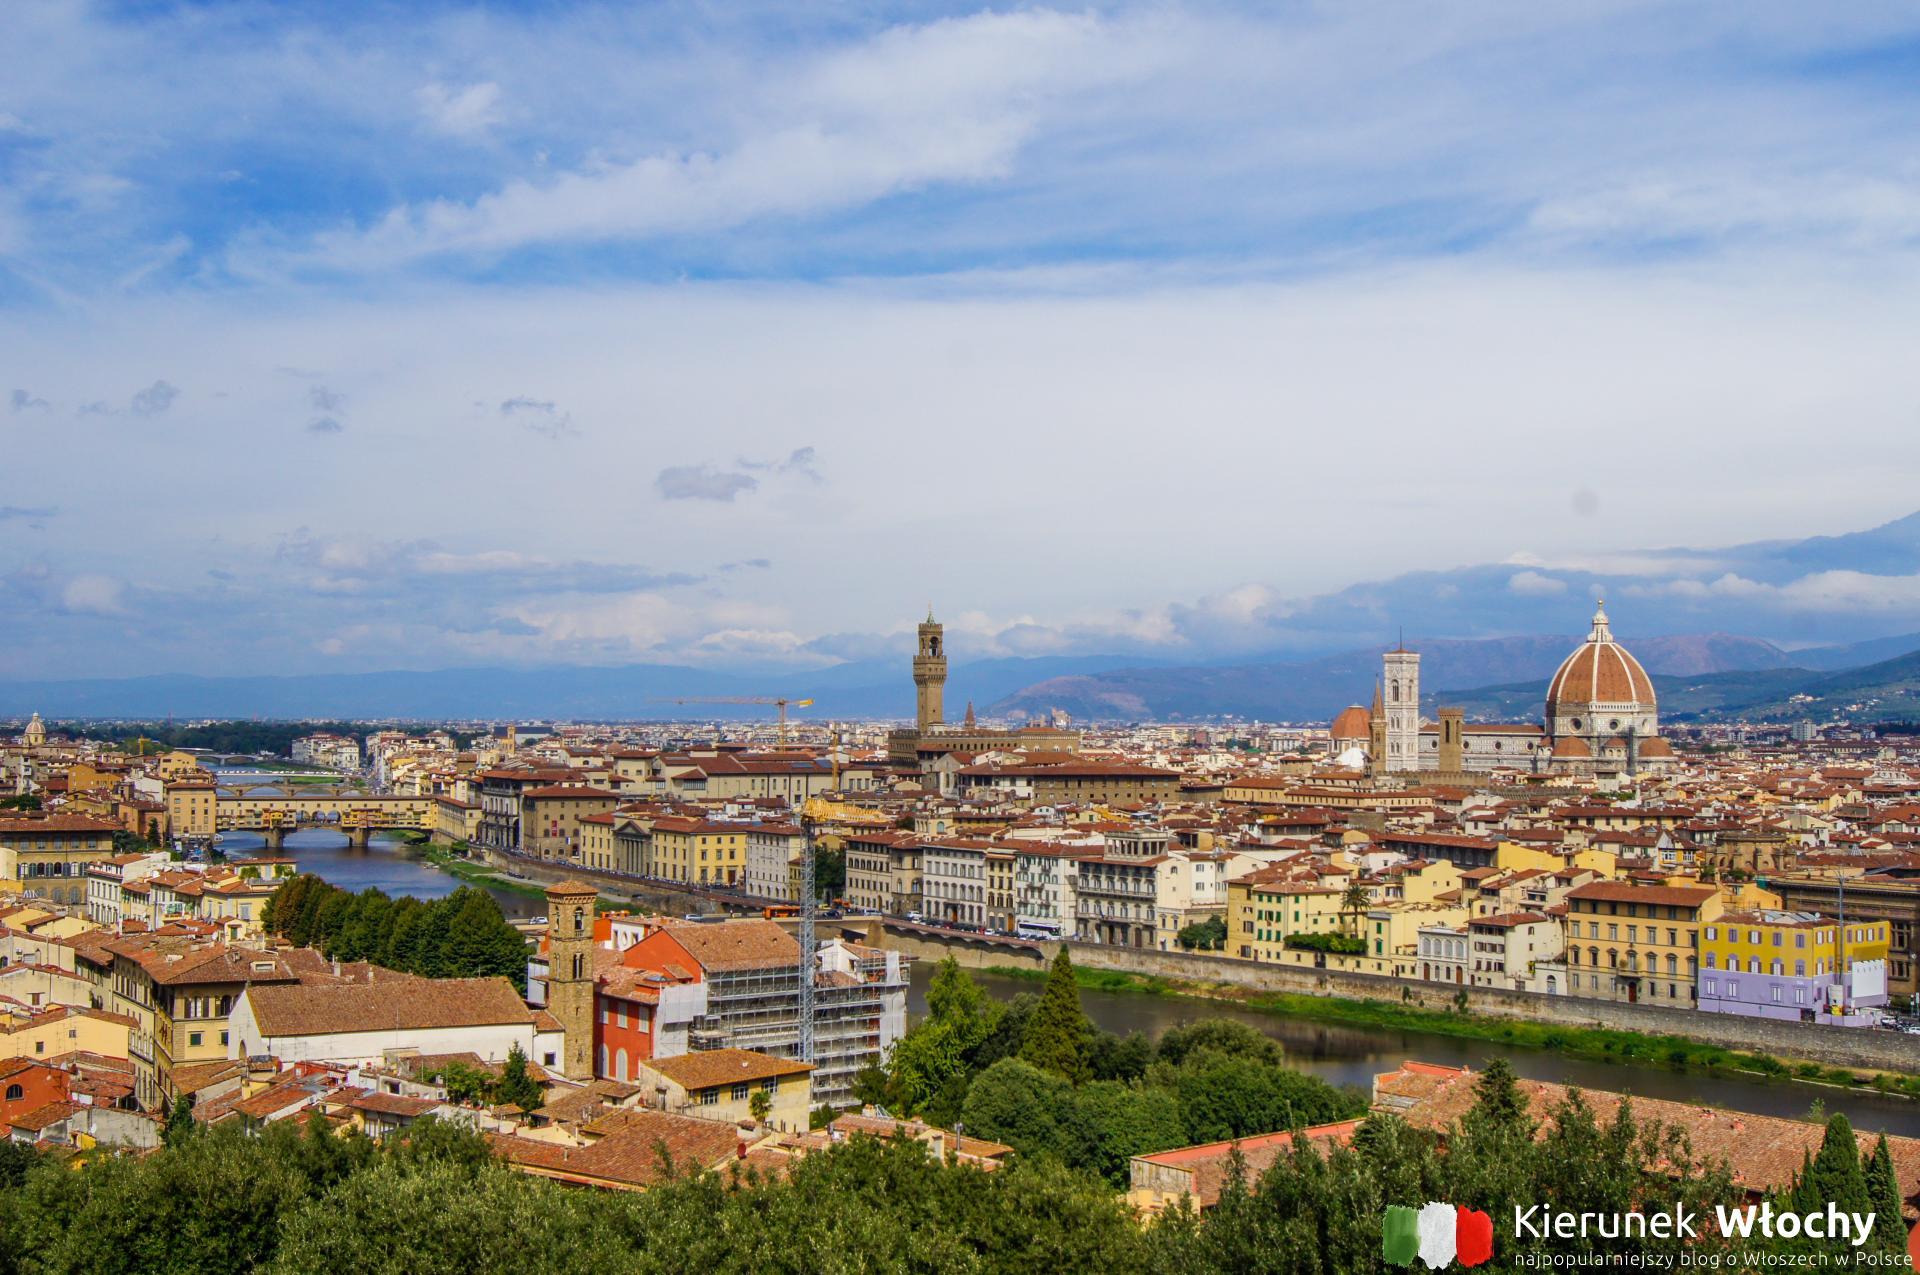 Polski przewodnik po Florencji podpowiada jak zwiedzić miasto śladami Michała Anioła